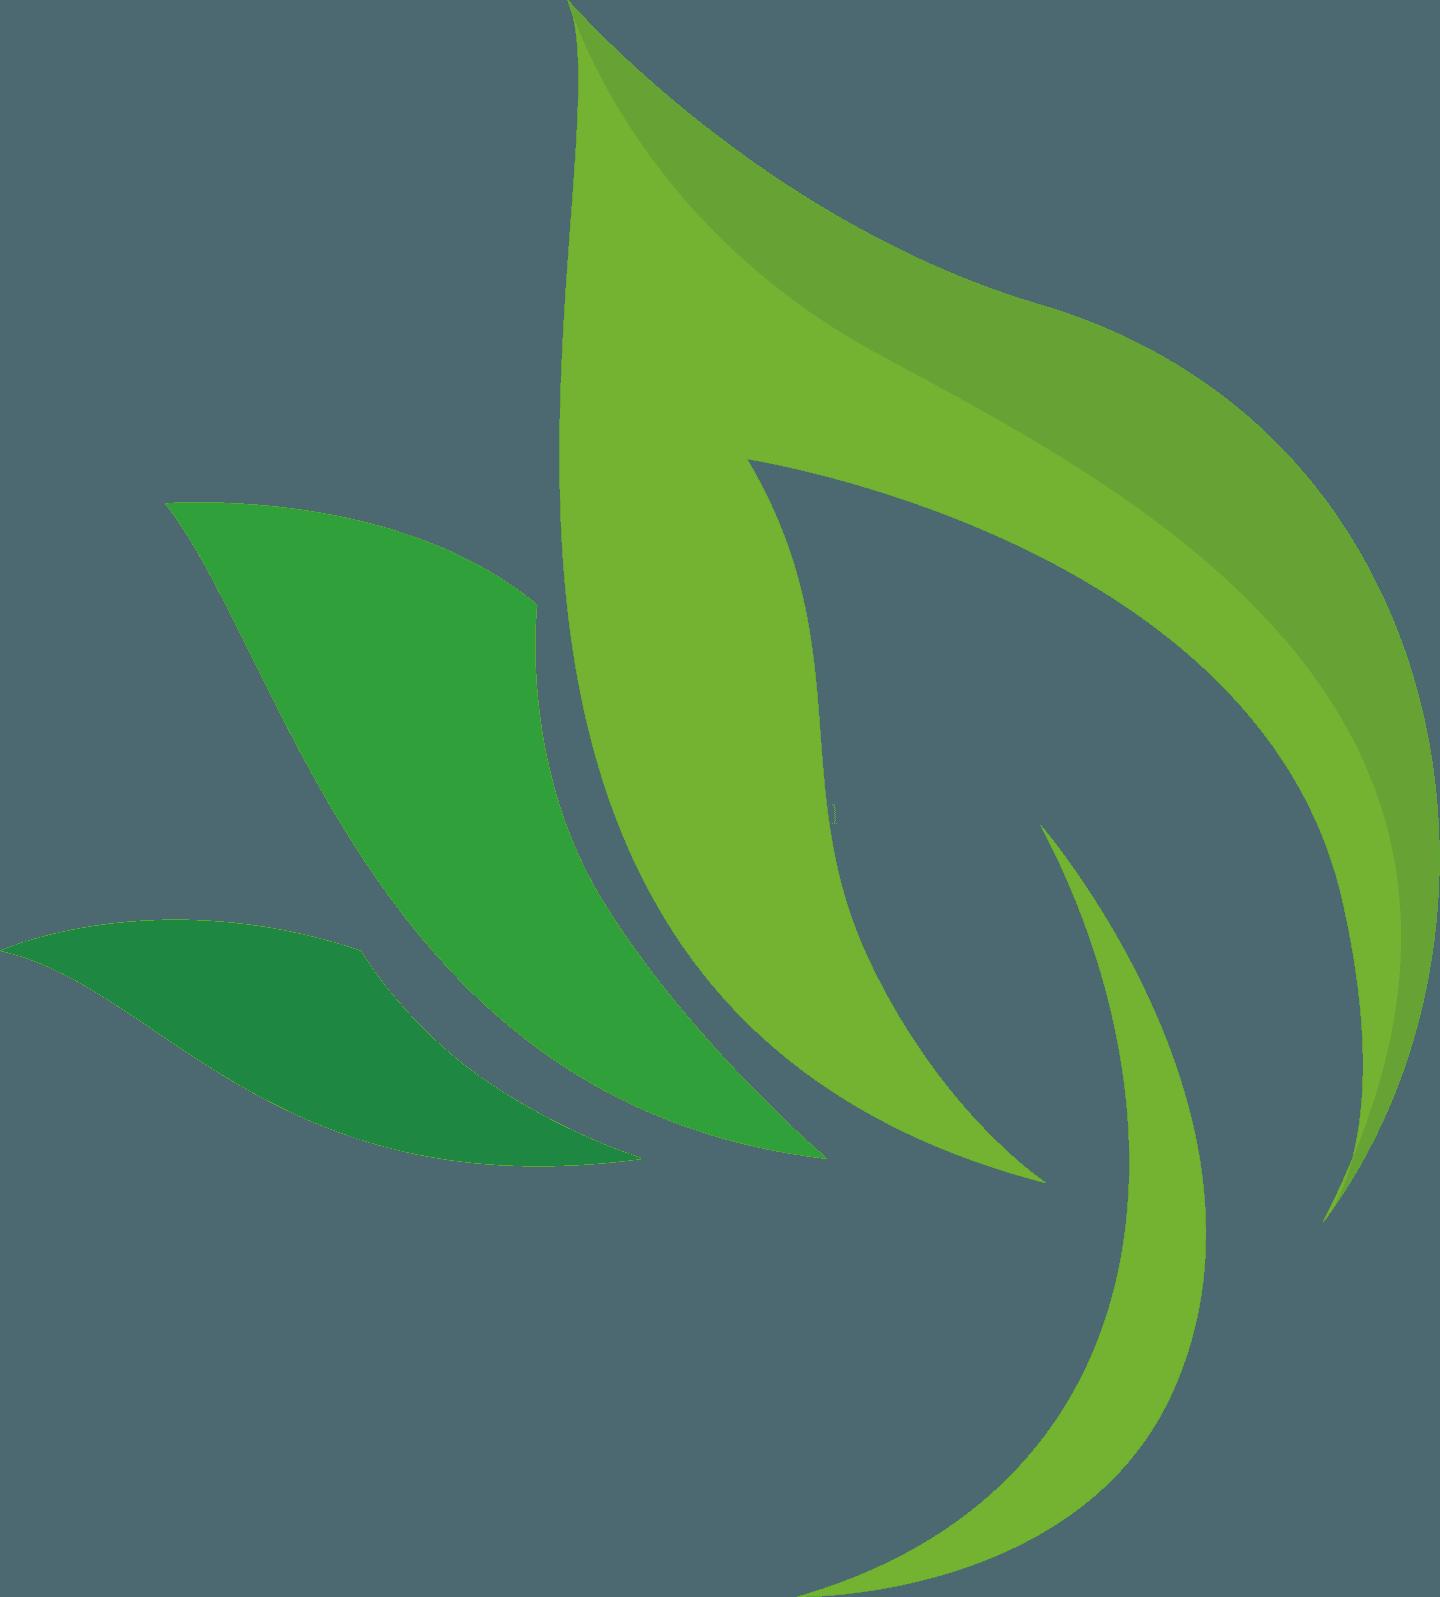 福州九洲联控自动化设备有限公司